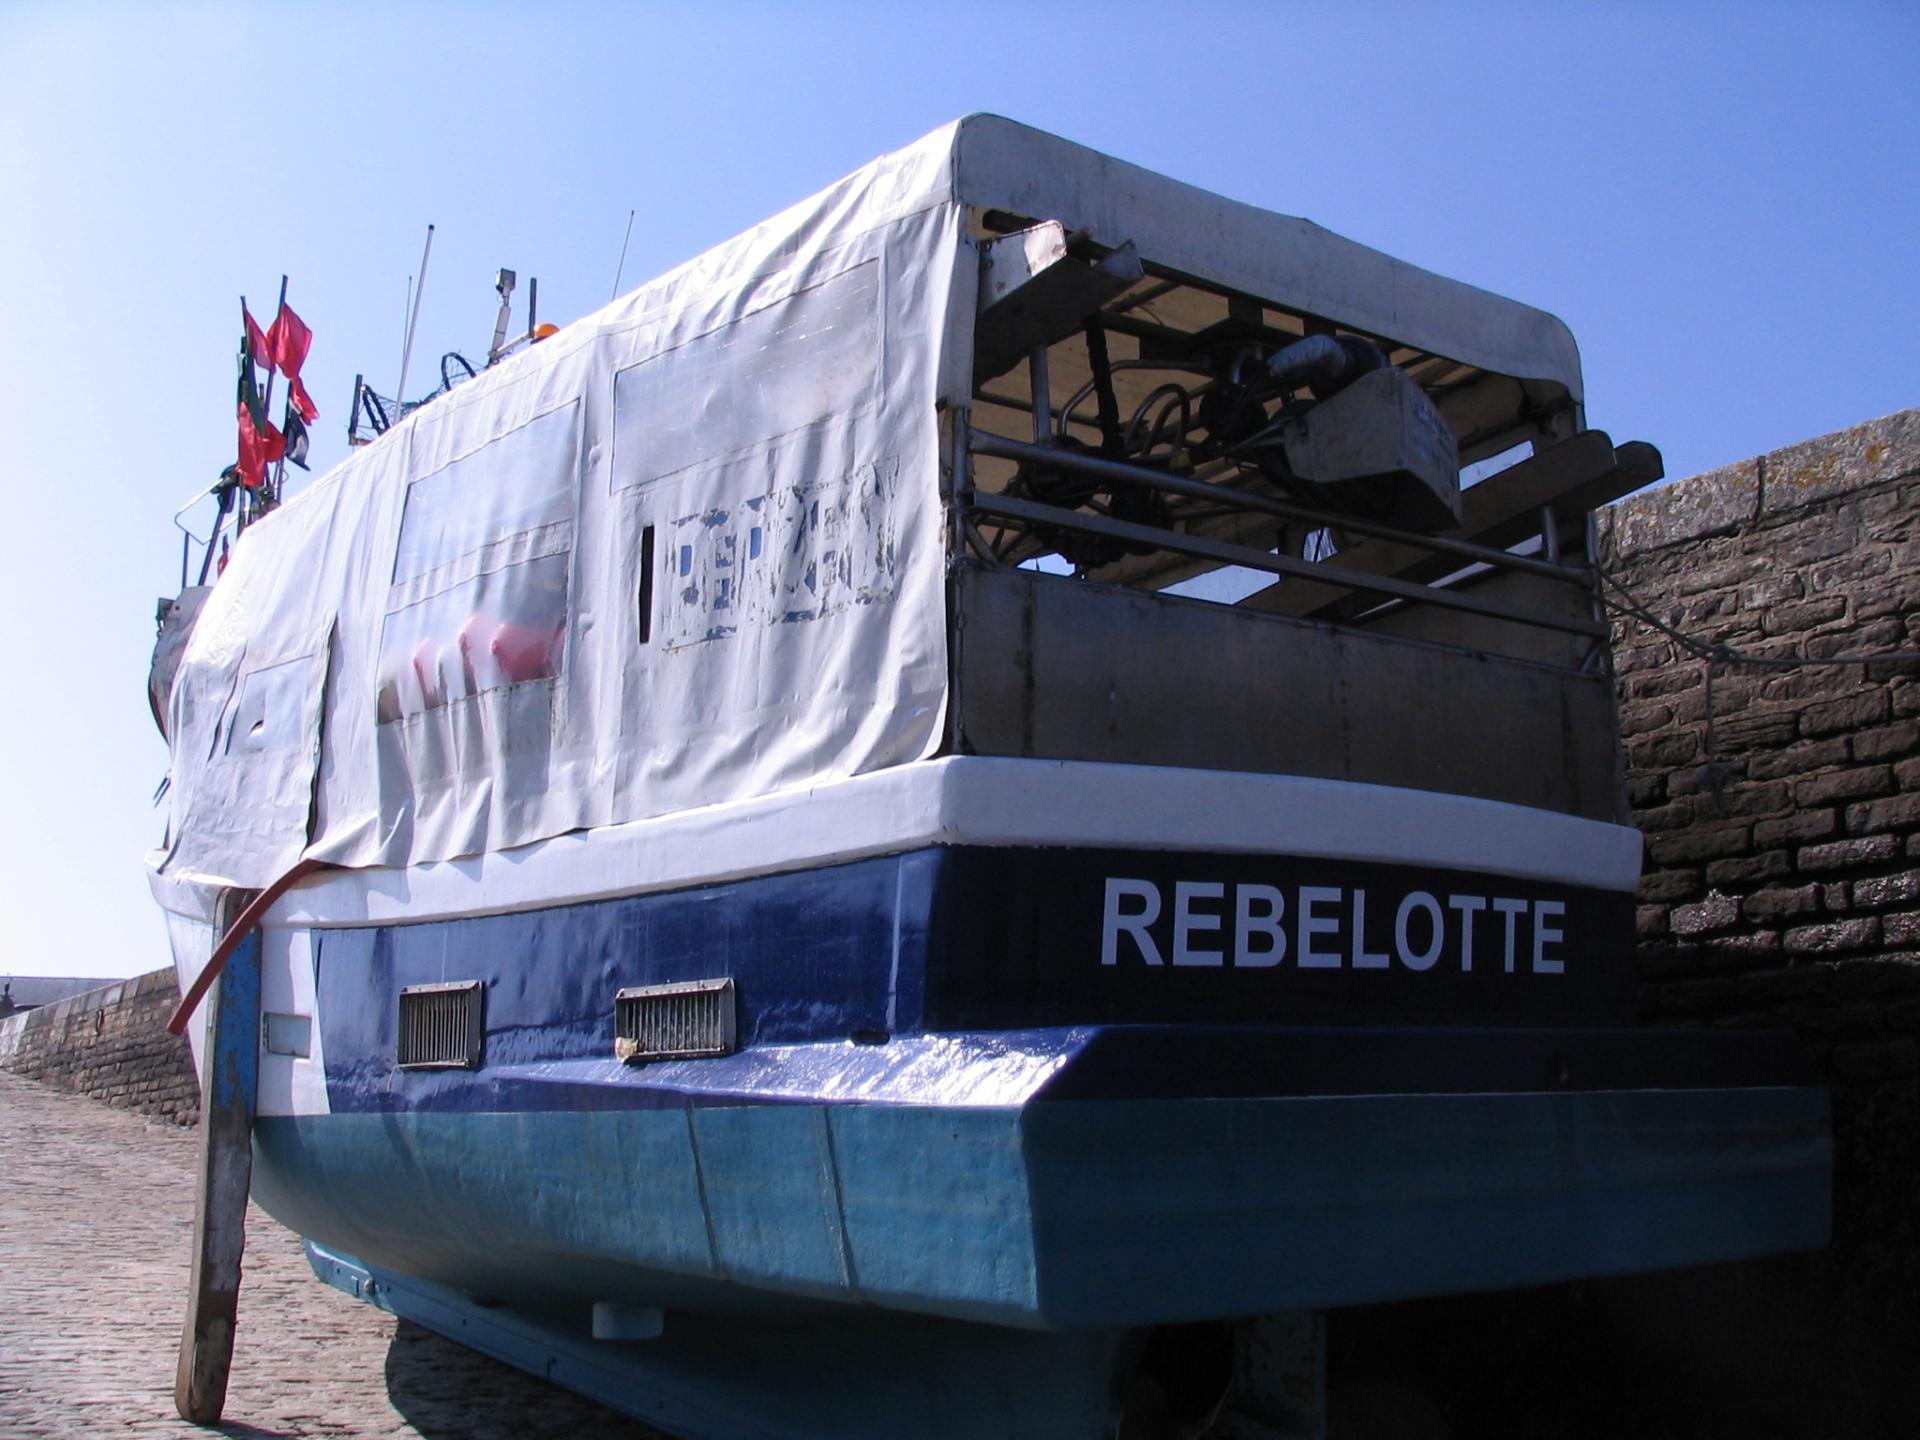 Rebelotte c